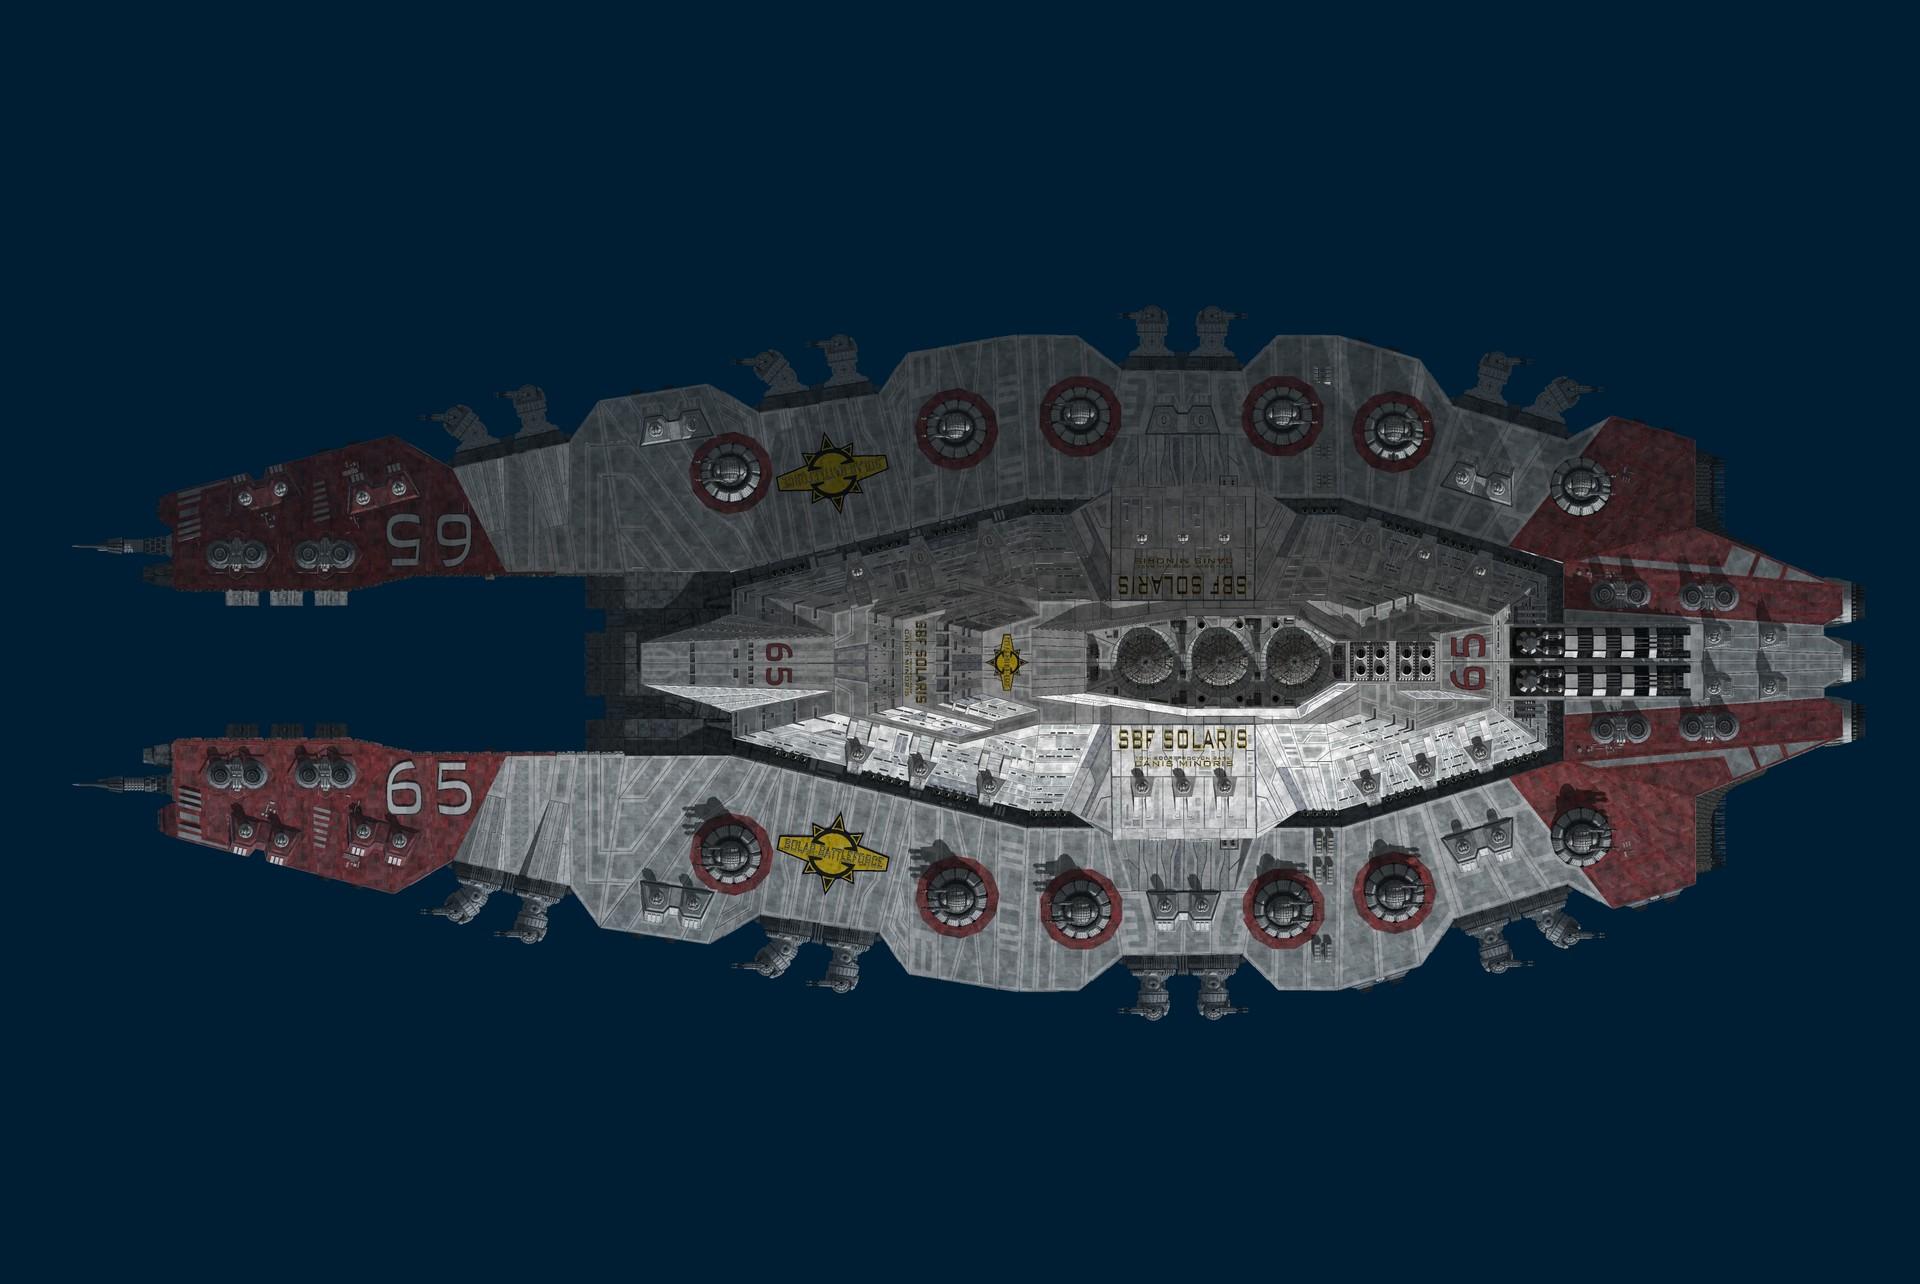 Joachim sverd battlecruiser solaris41